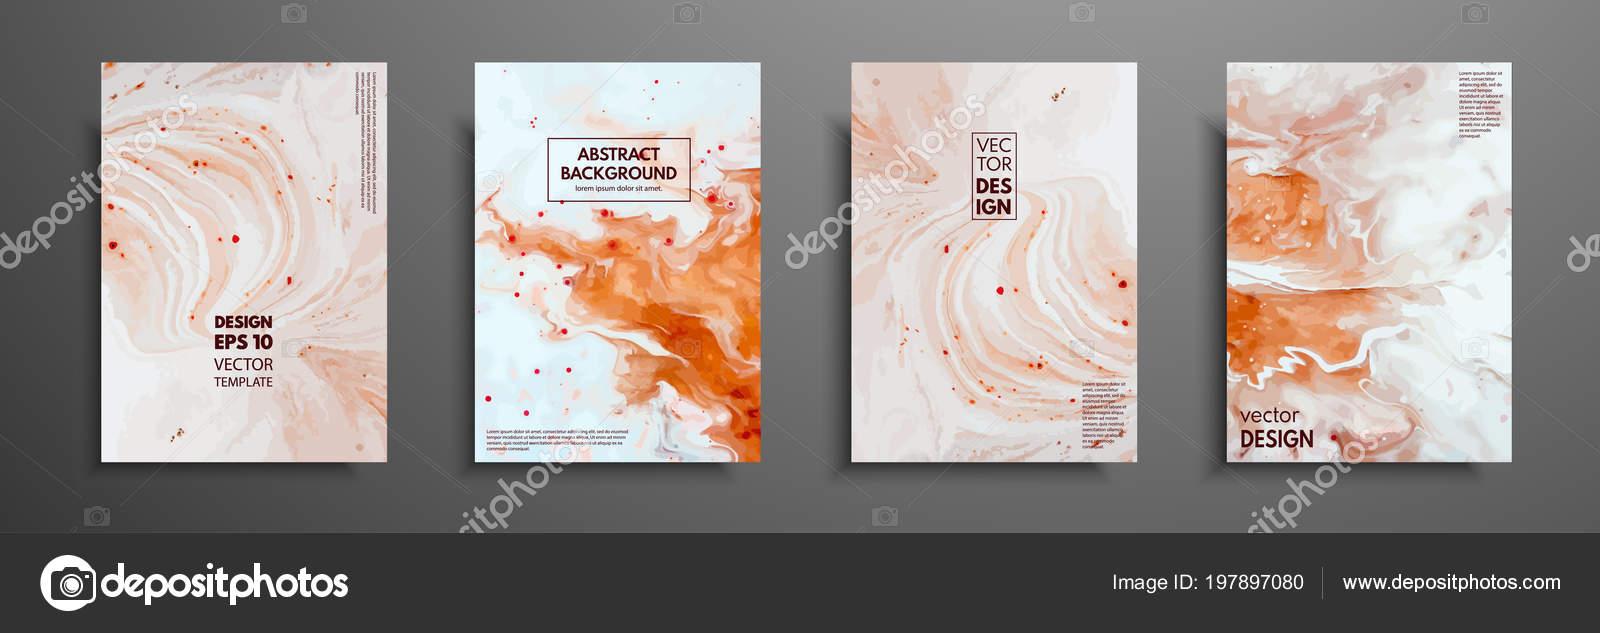 Texture Marbre Liquide Art Fluide Il Y A Lieu Labri De La Conception Presentation Invitation Depliant Rapport Annuel Affiche Et Carte Visite